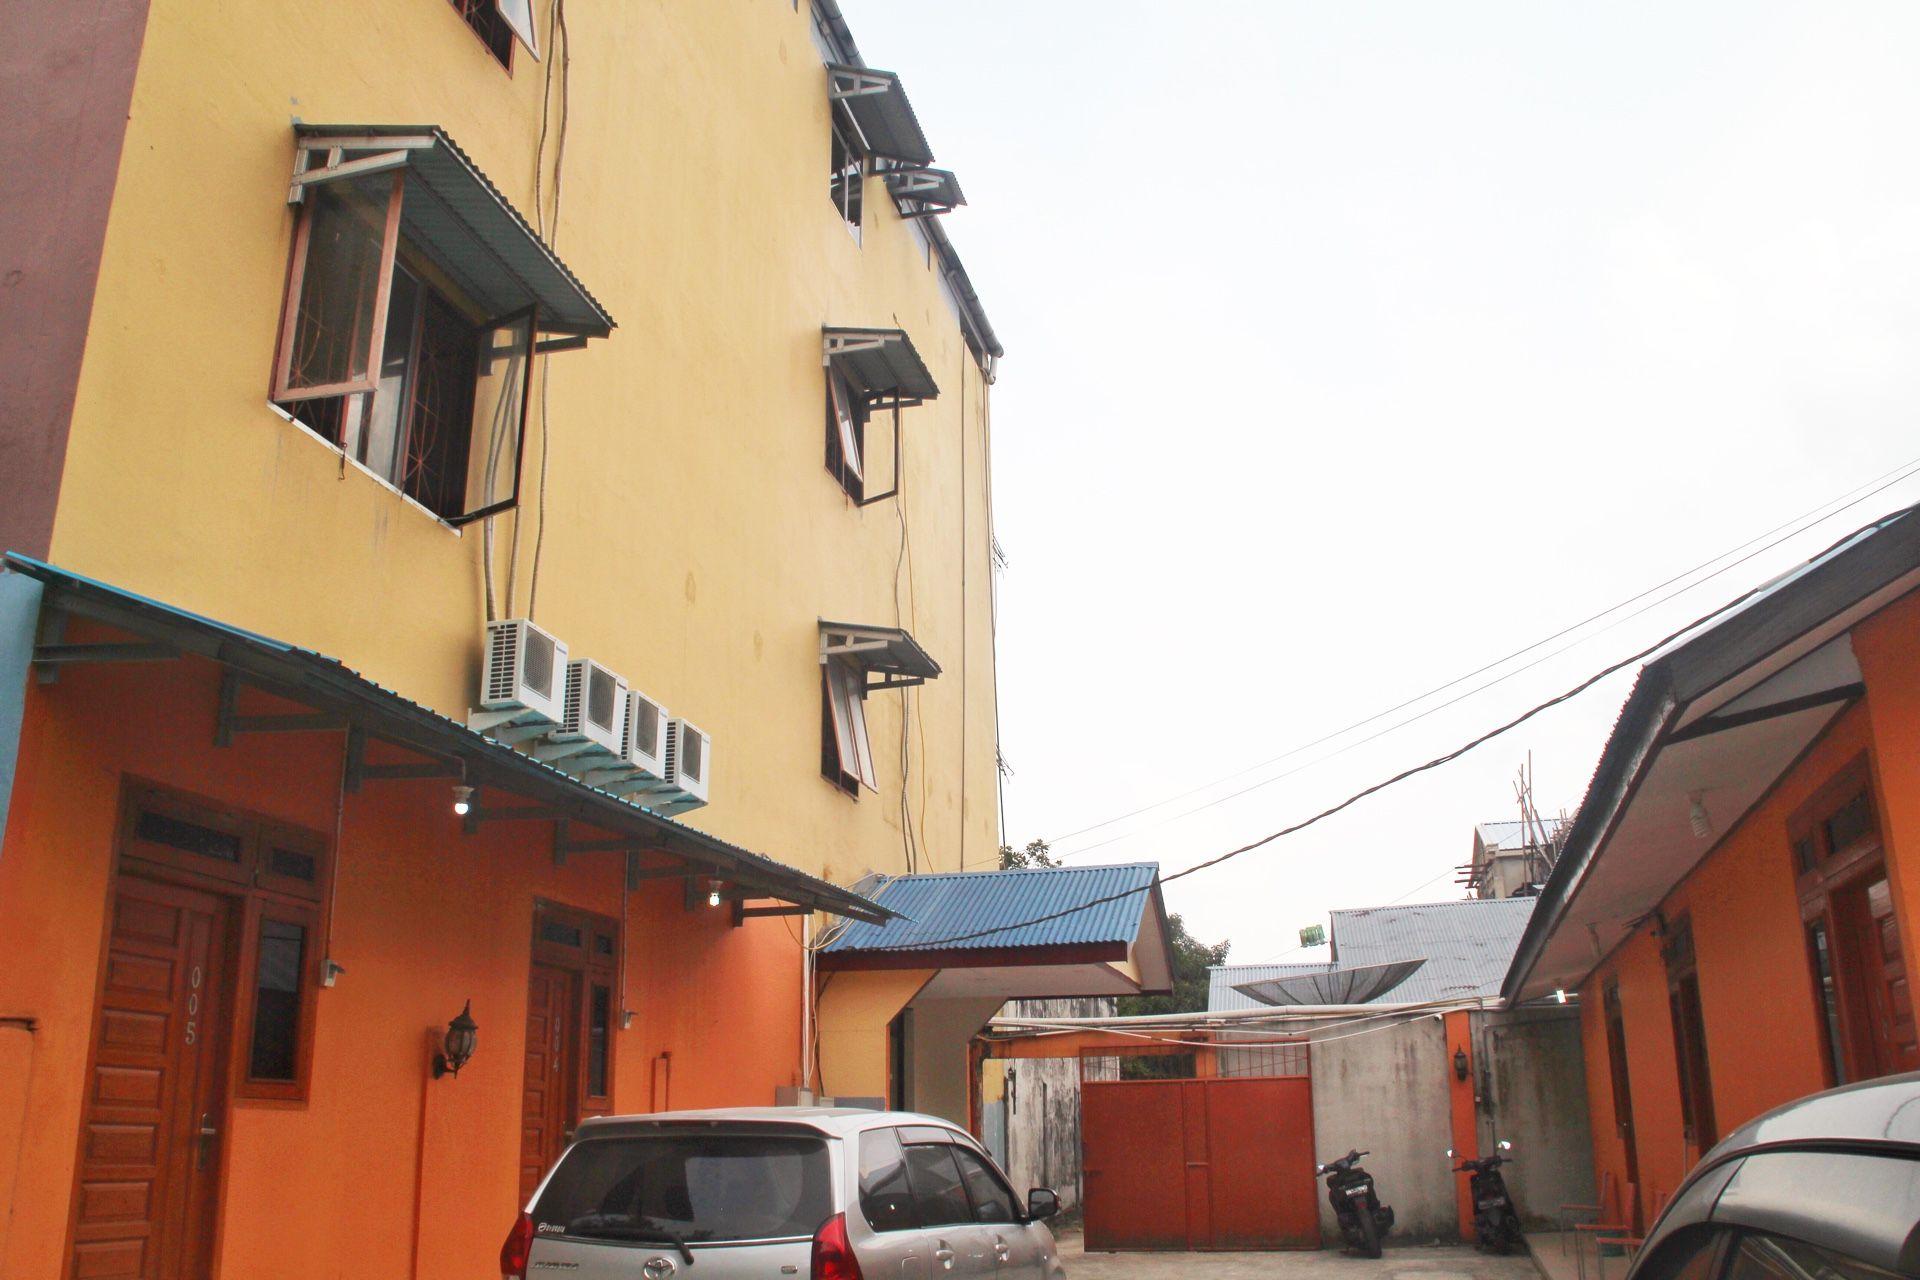 Hotel Mustika 2 Belitung, Belitung